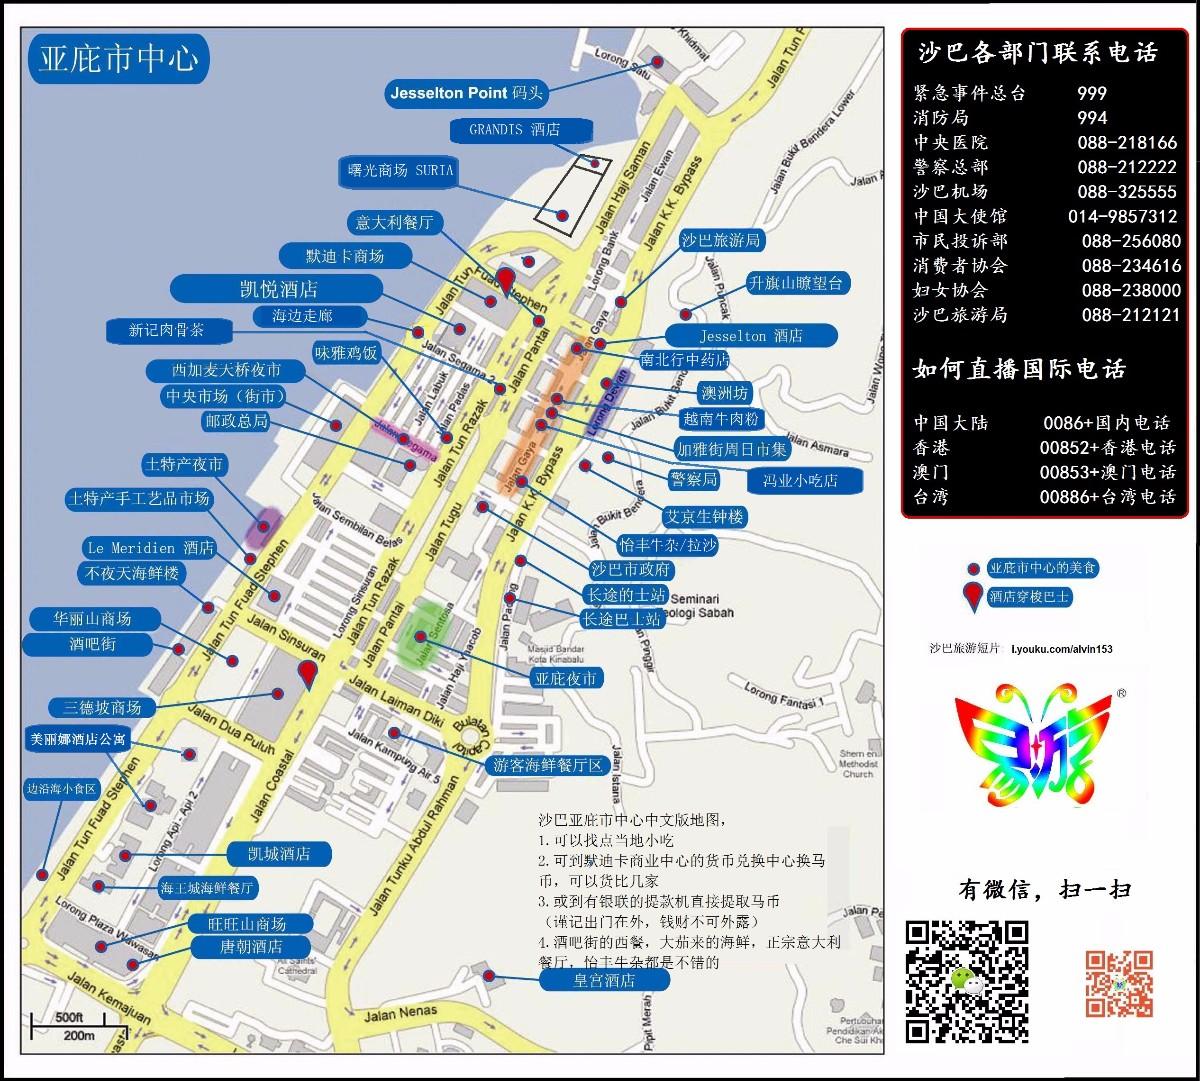 沙巴游必备 - 实用马来语+中文版地图